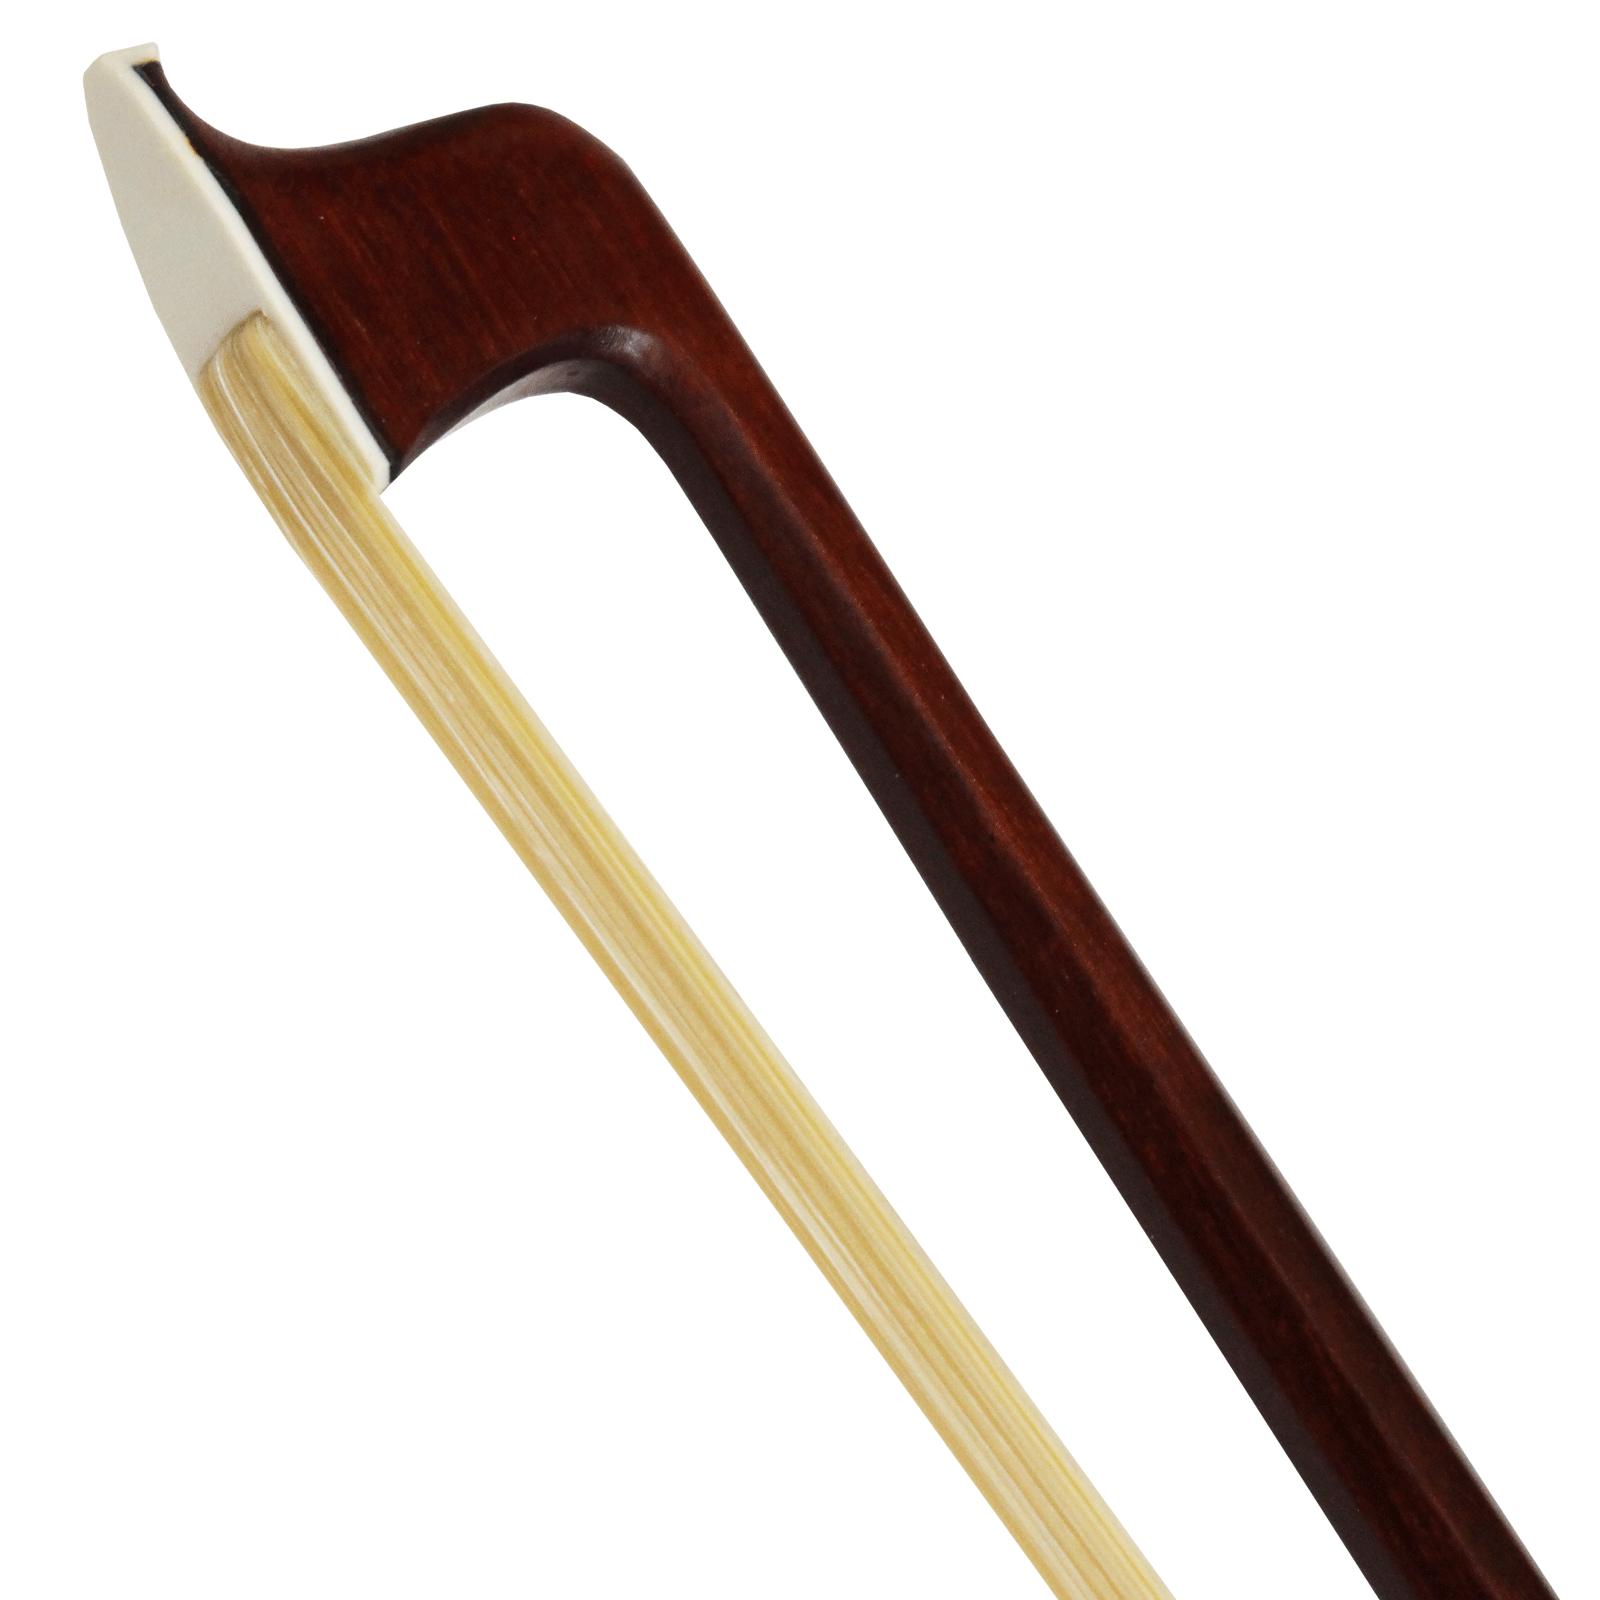 Arco Guarnição Prateada E Abalone Para Violino 4/4